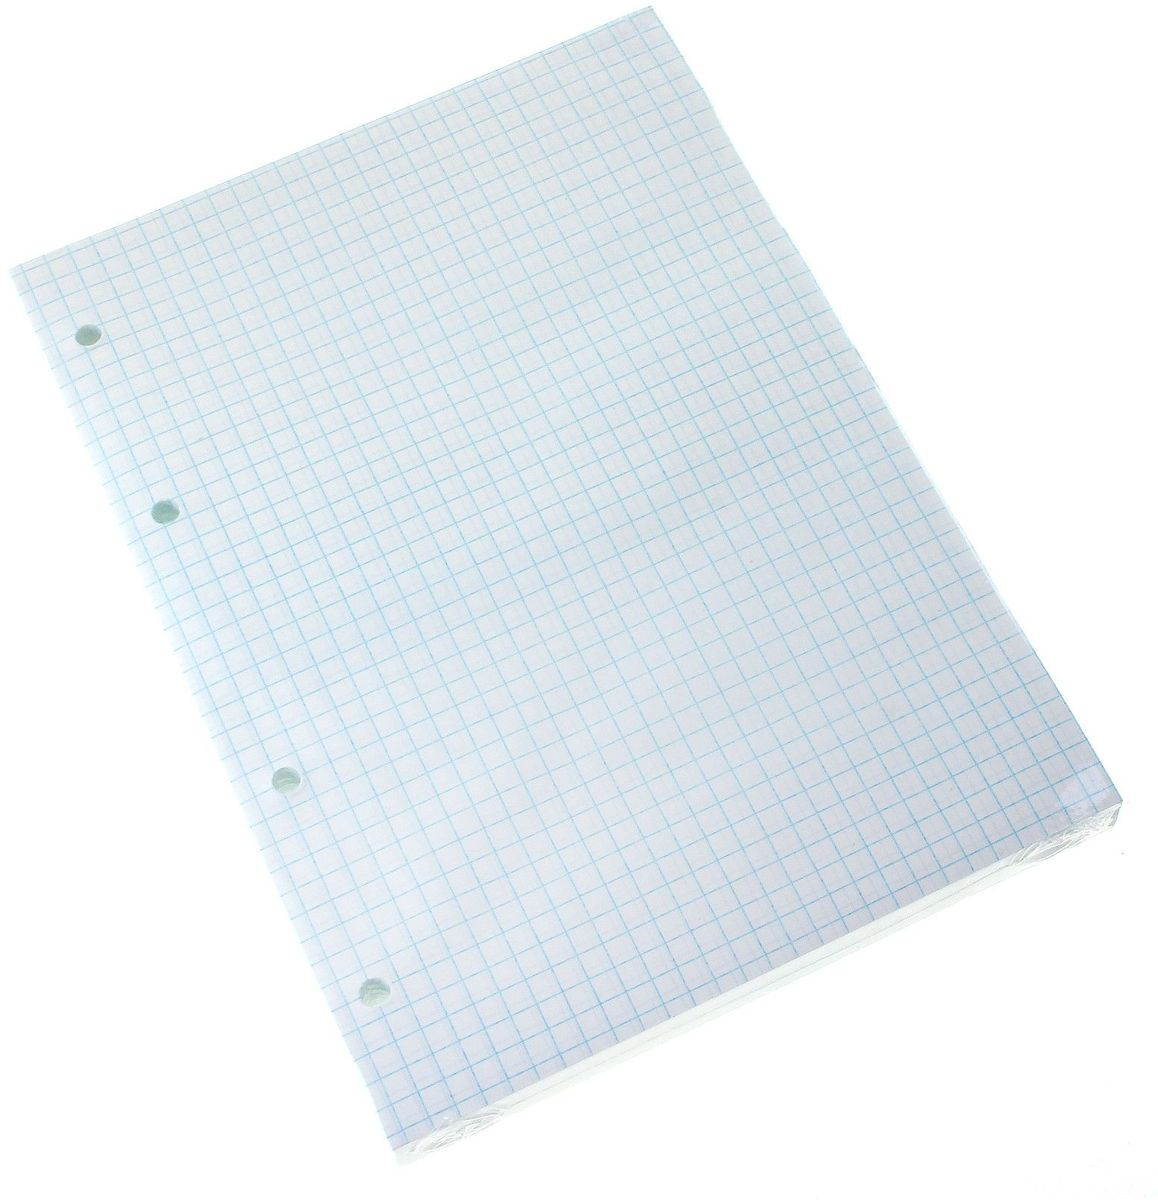 КПК Сменный блок для тетради на кольцах формат A5 160 листов в клетку